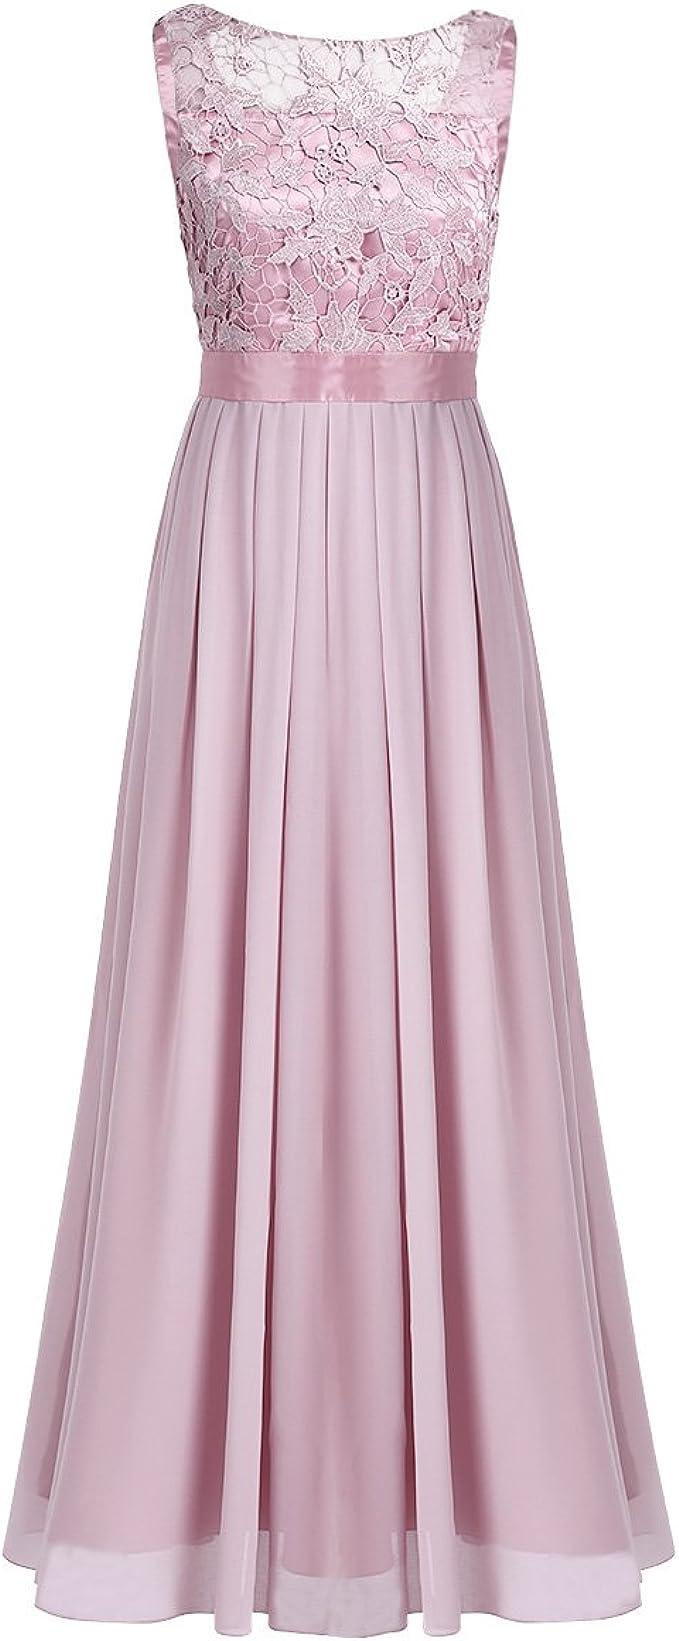 iiniim Damen Elegant Abendkleid Brautjungfer Cocktailkleid Chiffon  Faltenrock Langes Kleid Festlich Hochzeit Partykleid